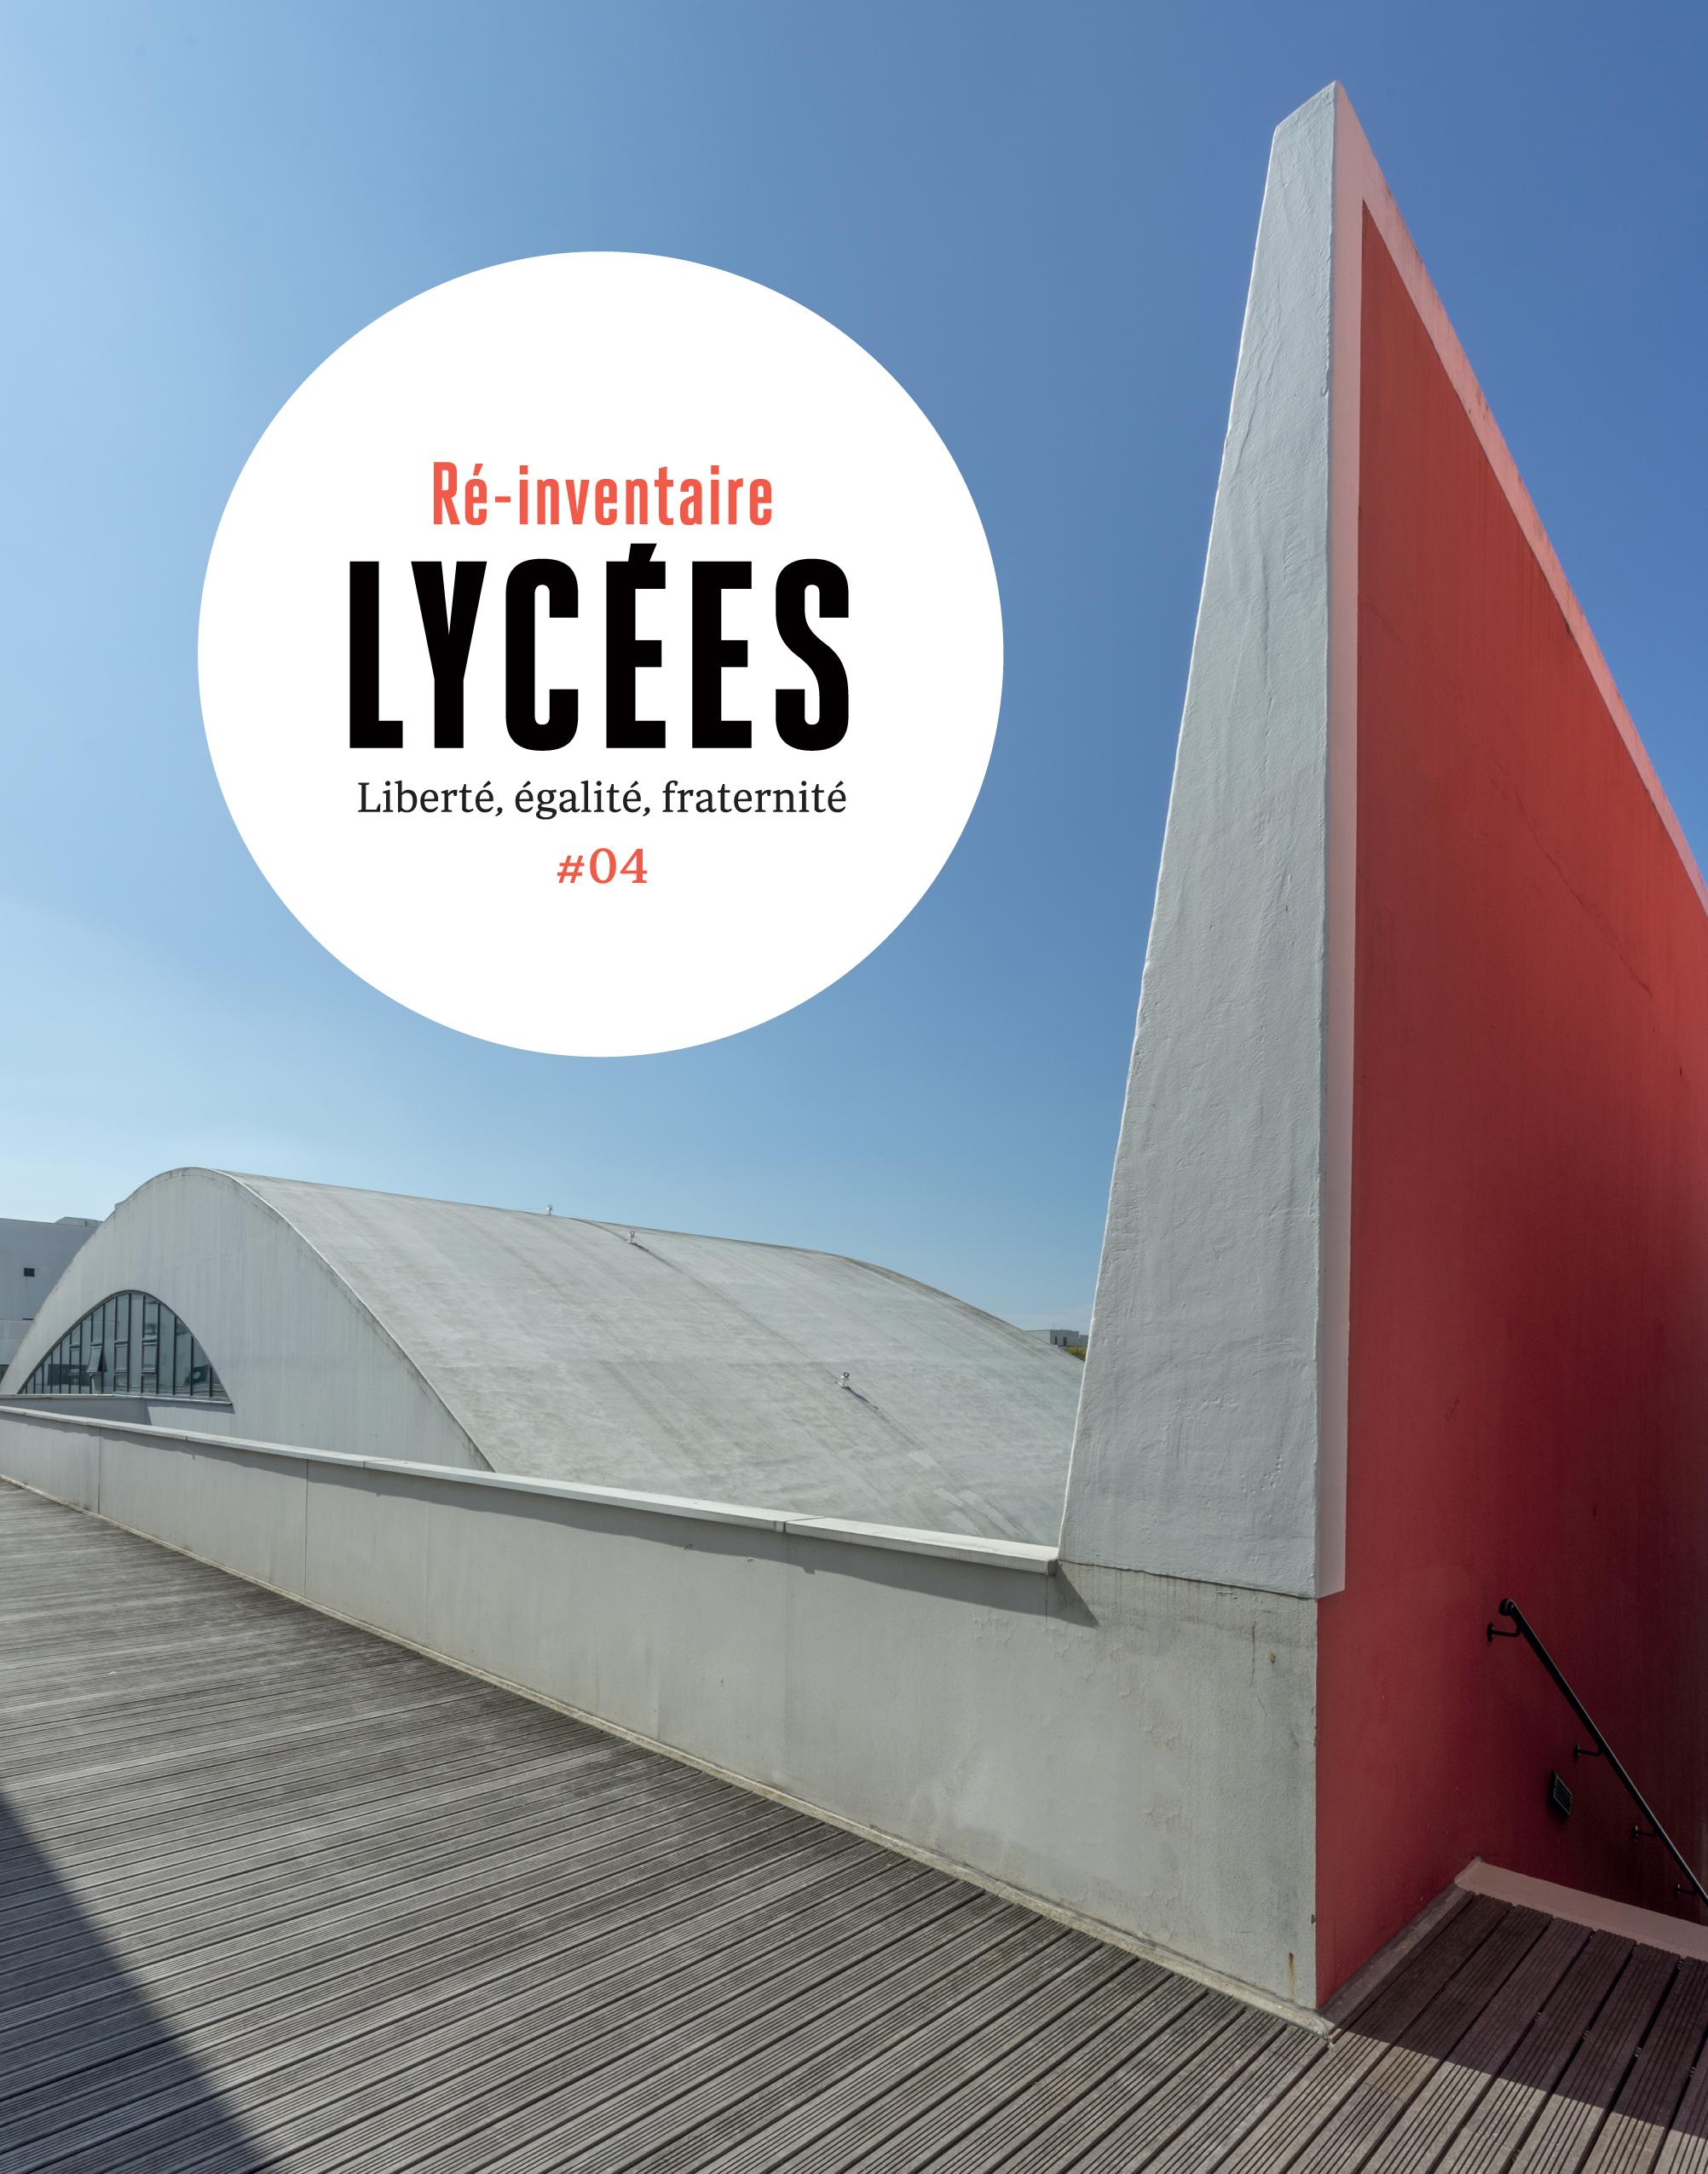 LYCEES - DES LIEUX, DES VIES